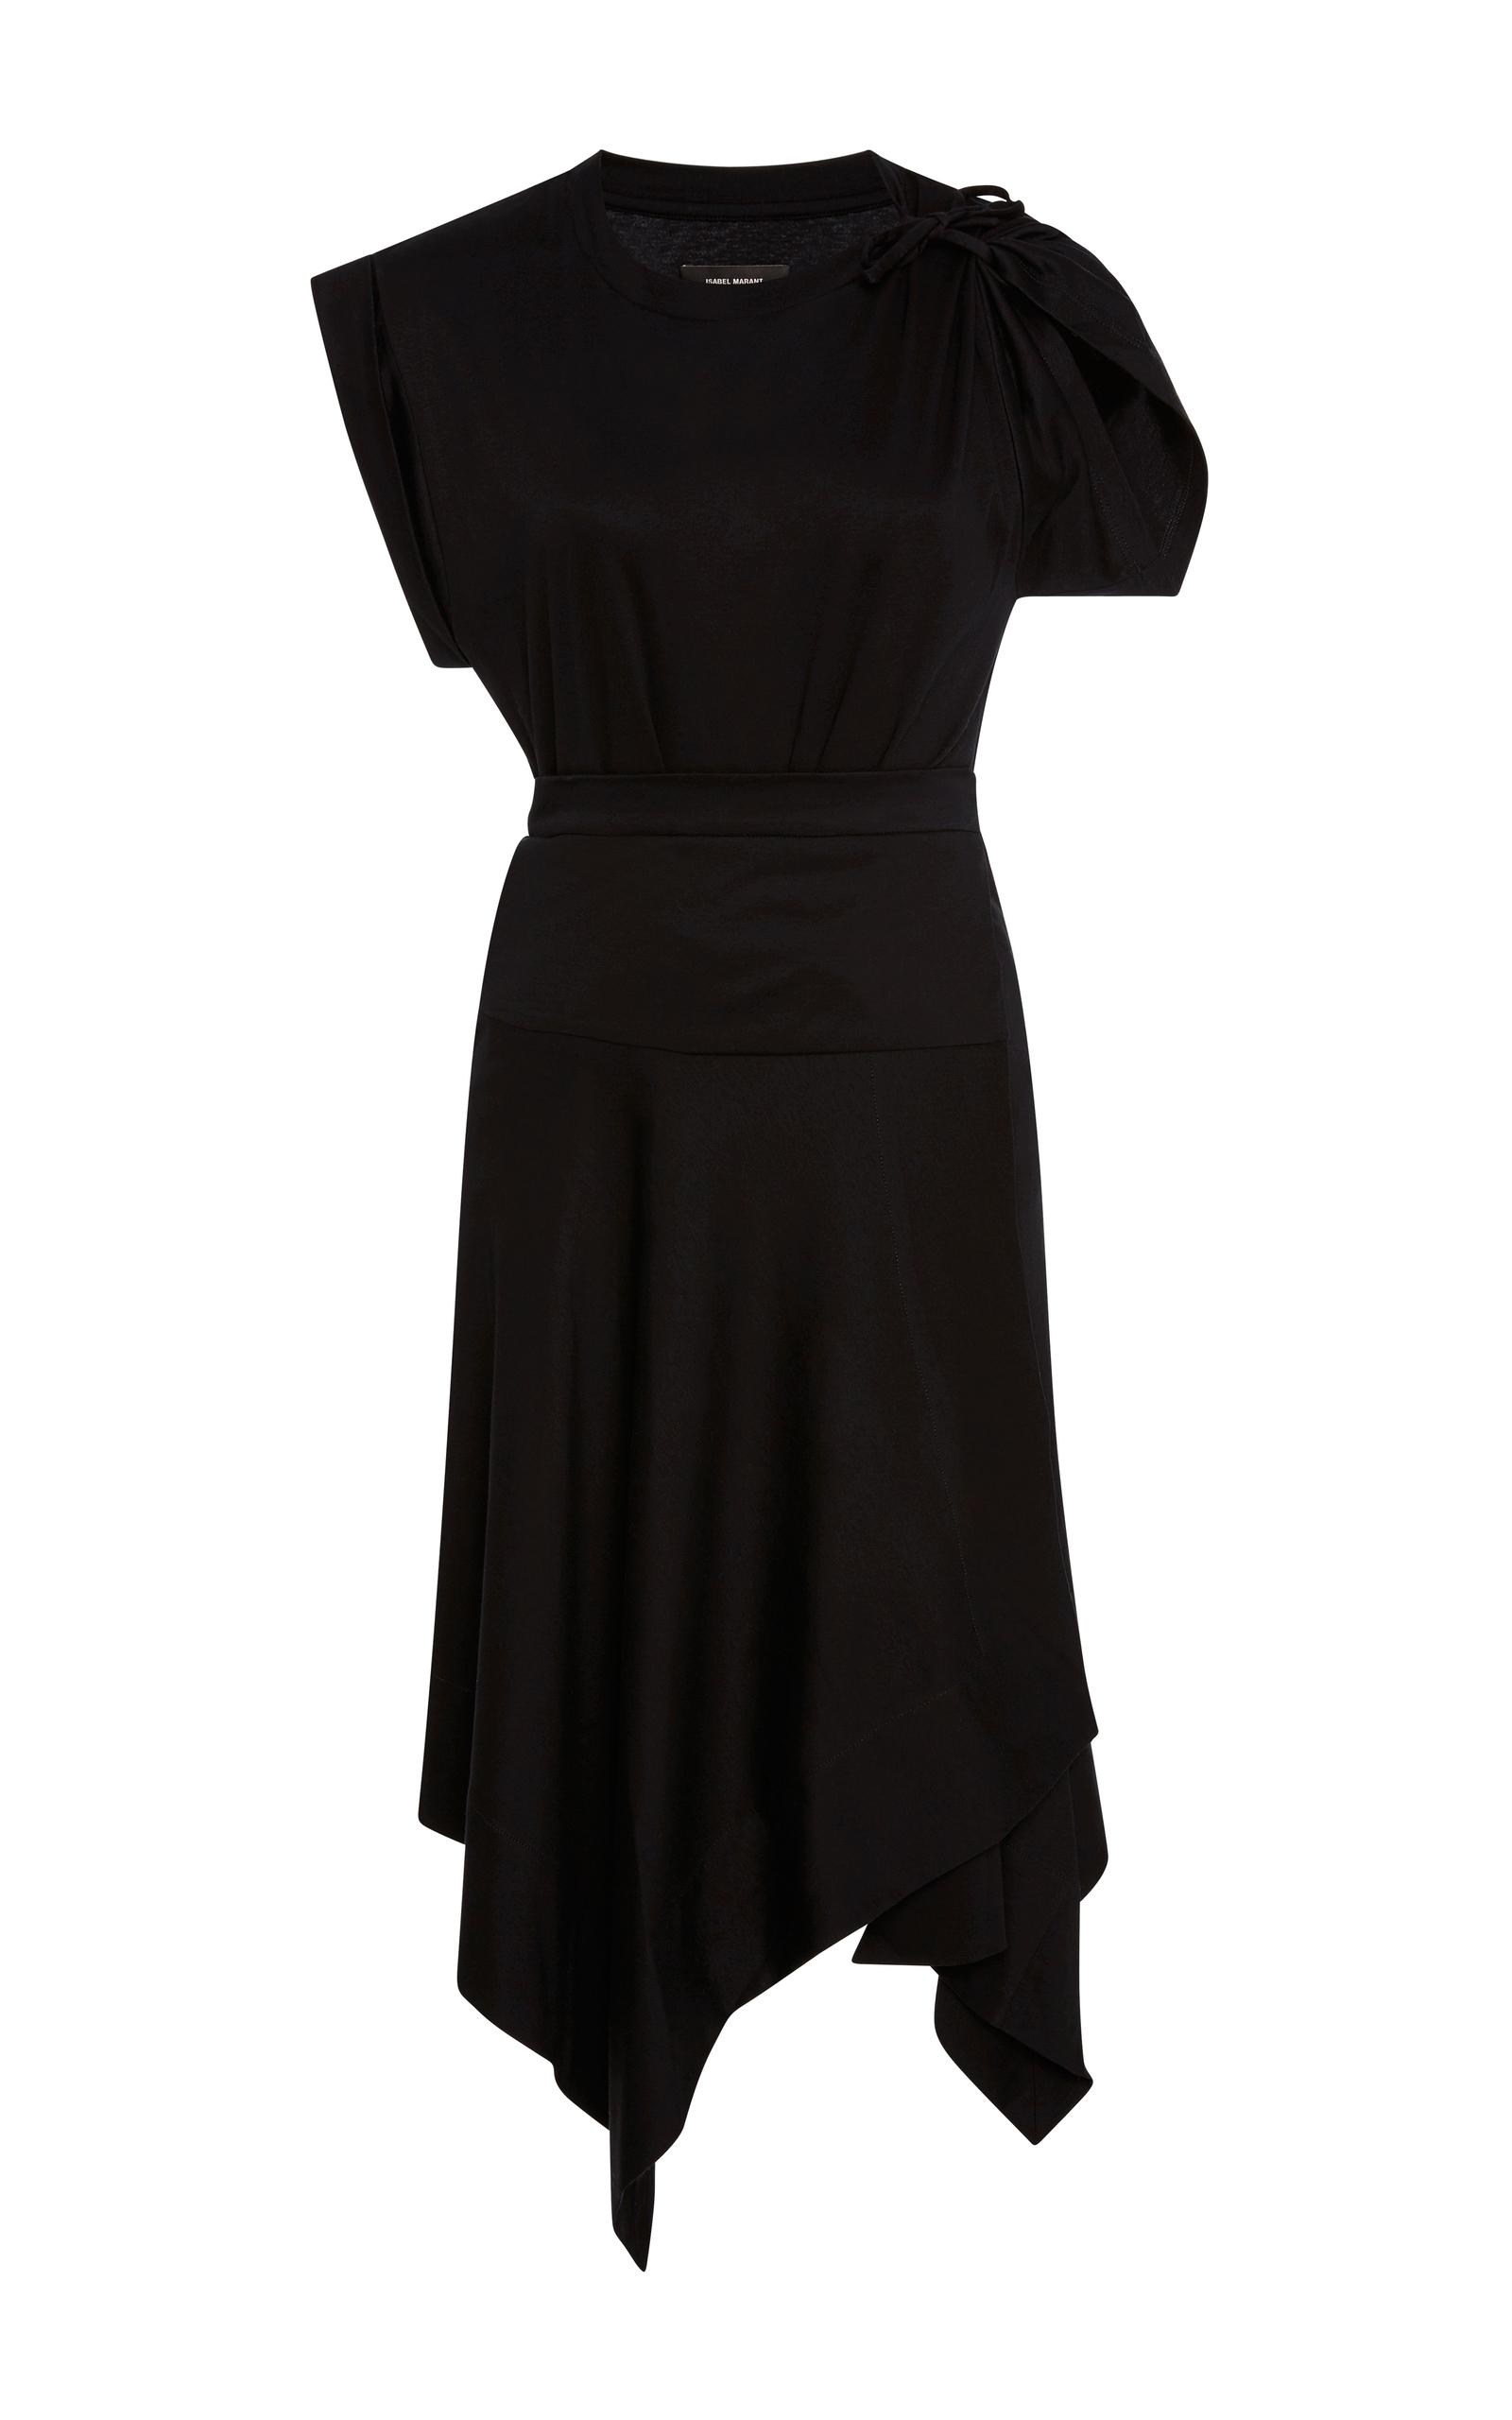 ISABEL MARANT Loko Cotton Jersey Wrap Dress at Moda Operandi